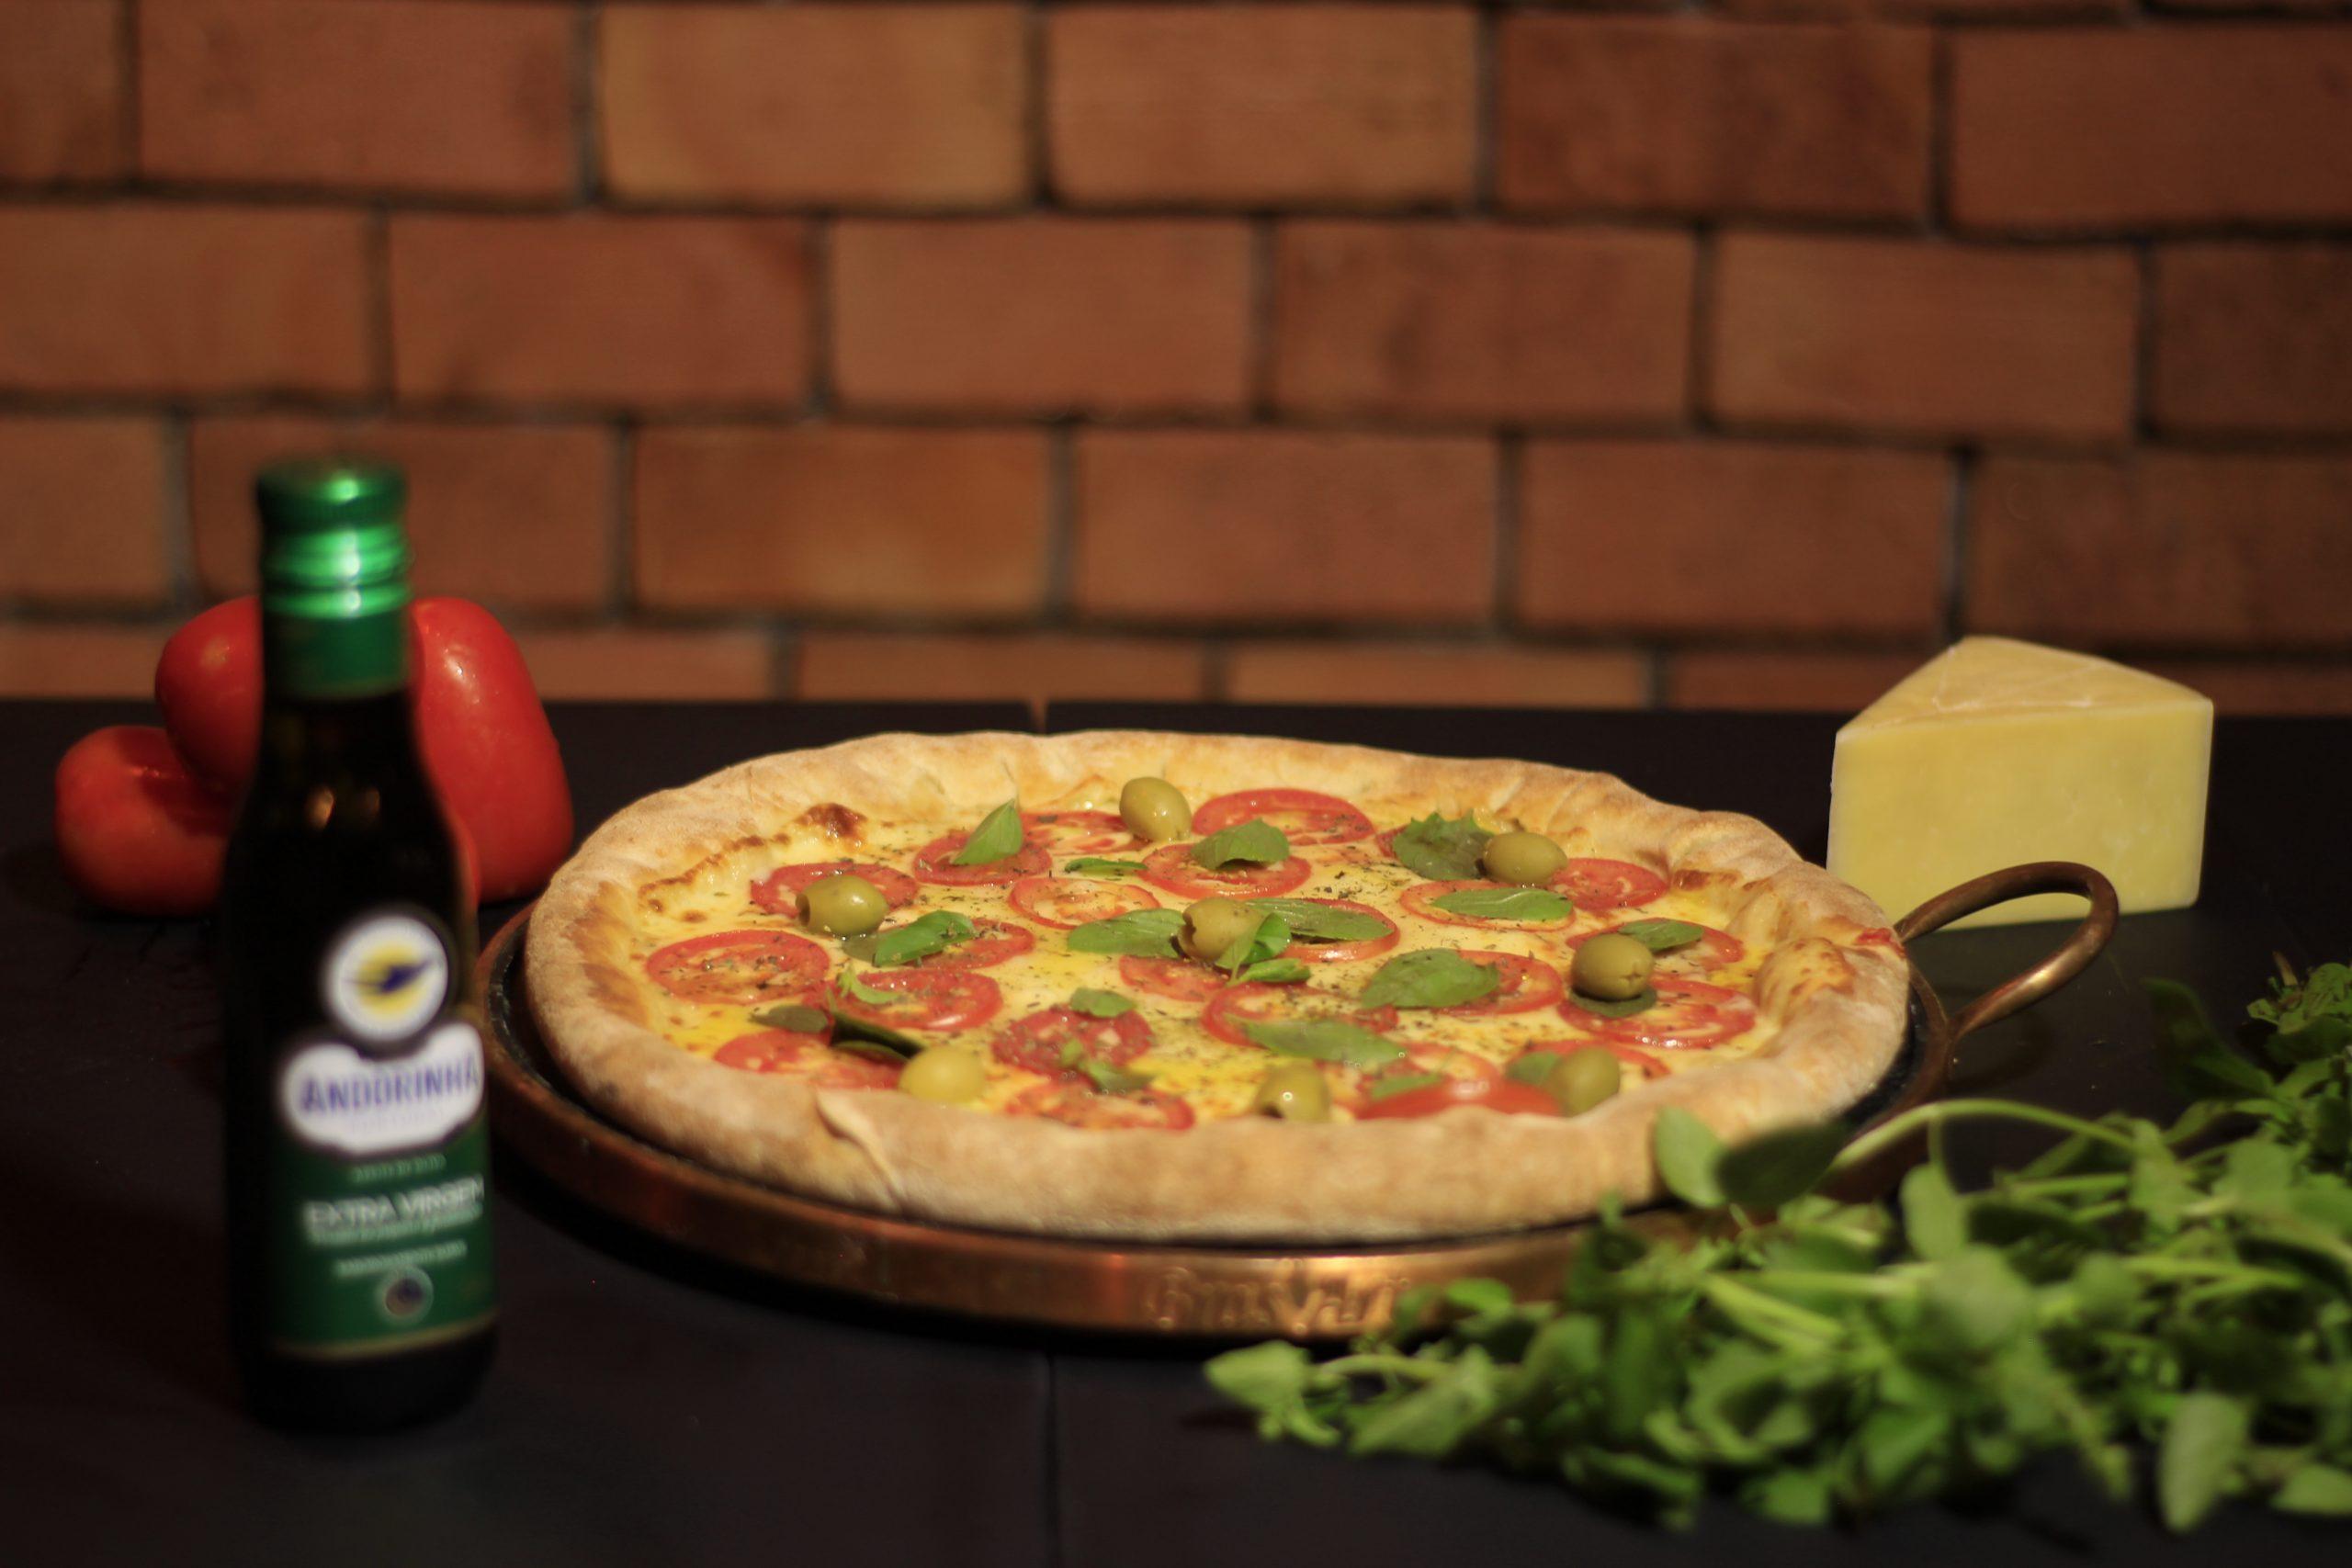 Vialetto Pizzaria e Esfiharia